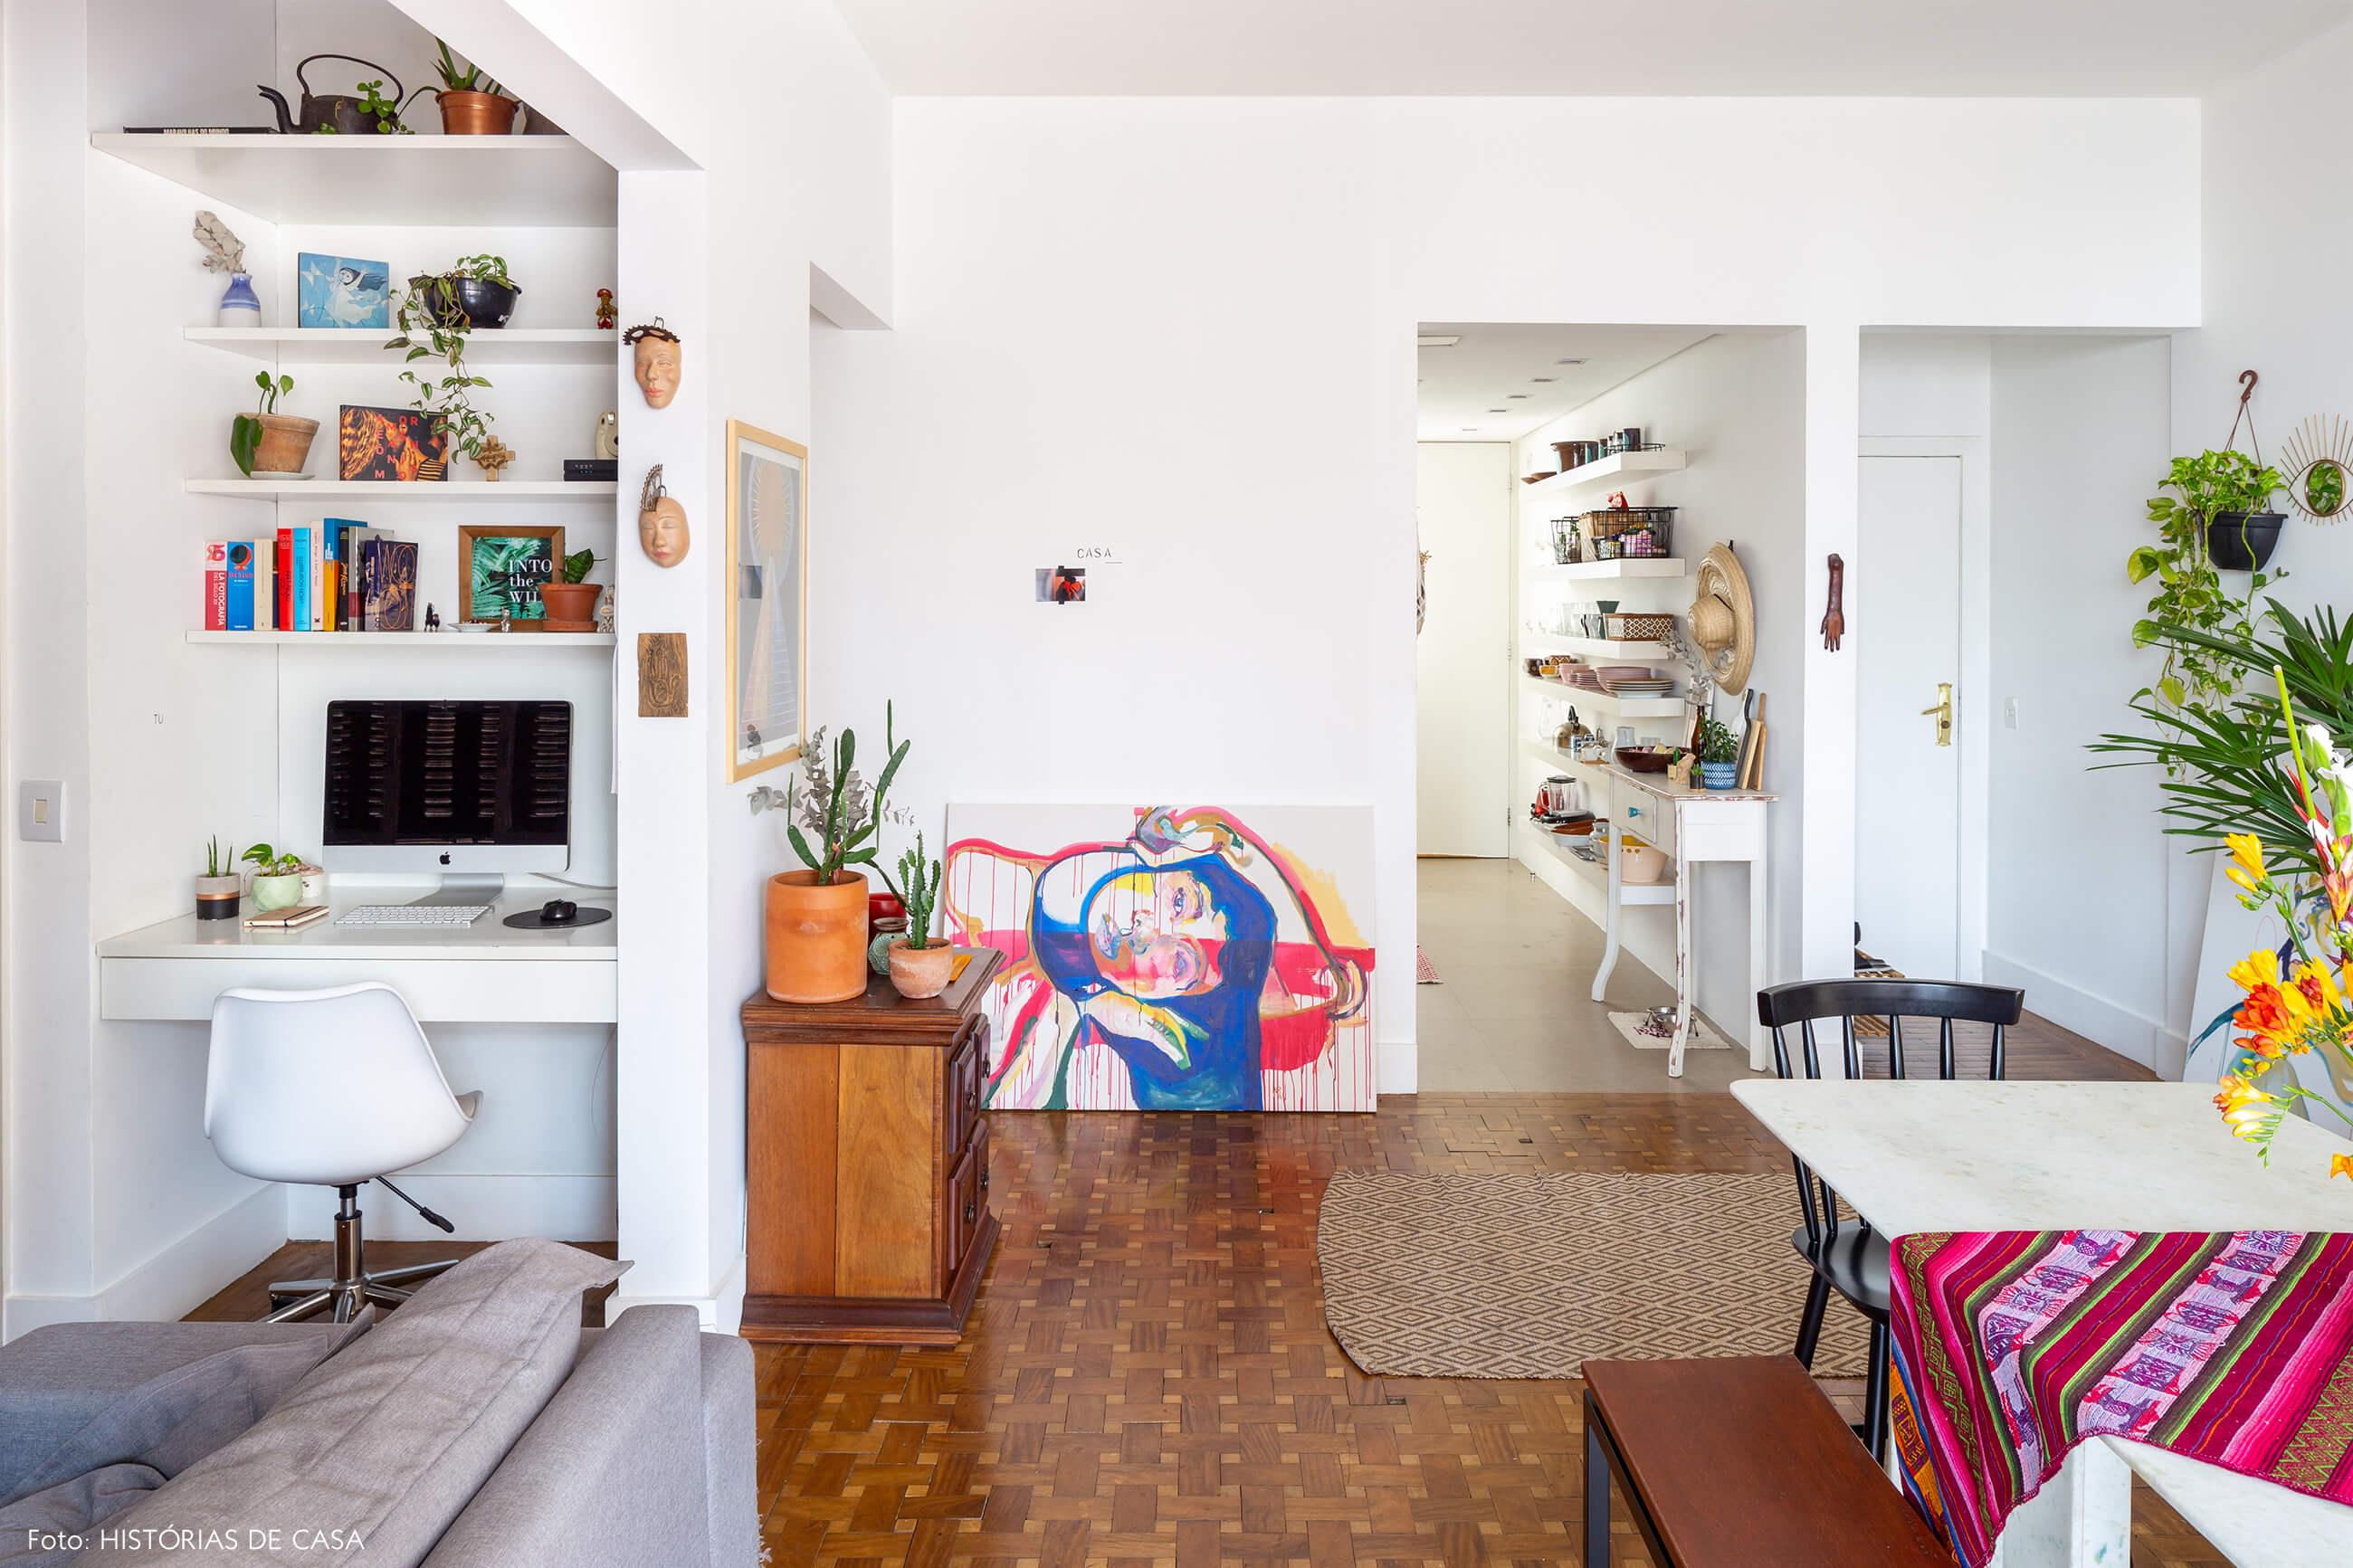 sala-e-home-office-com-piso-e-armario-de-madeira-e-pinturas